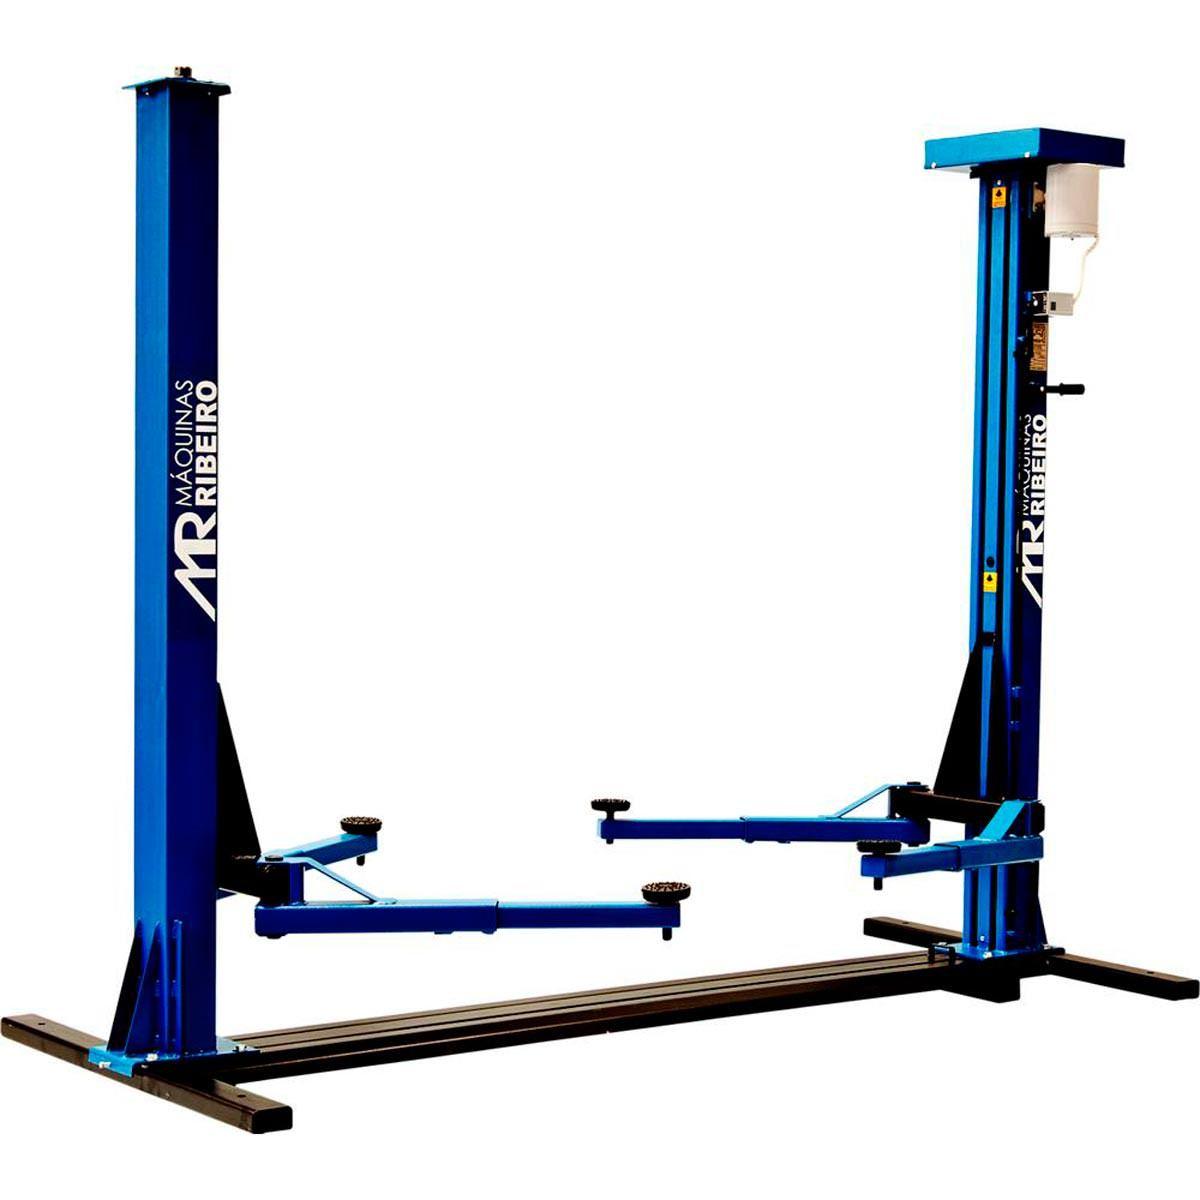 Elevador Automotivo 2500Kg Trifásico Azul - RIBEIRO ER2500